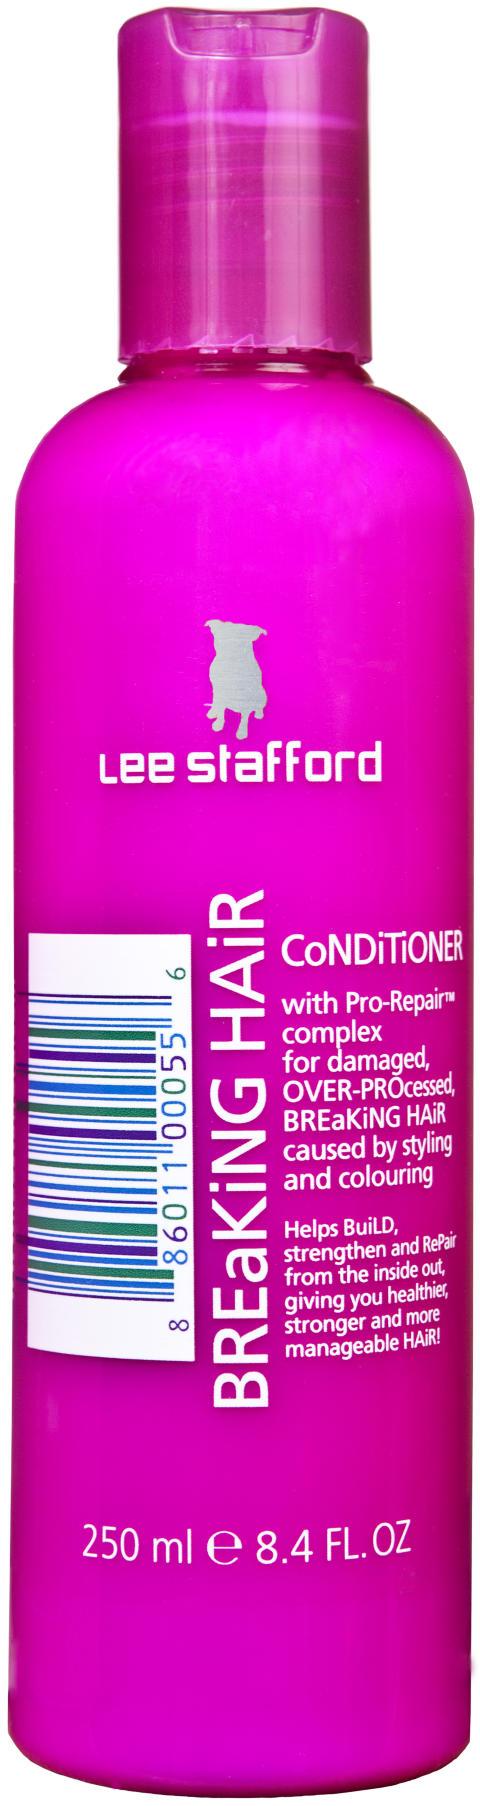 Lee Stafford - Breaking Hair Conditoner